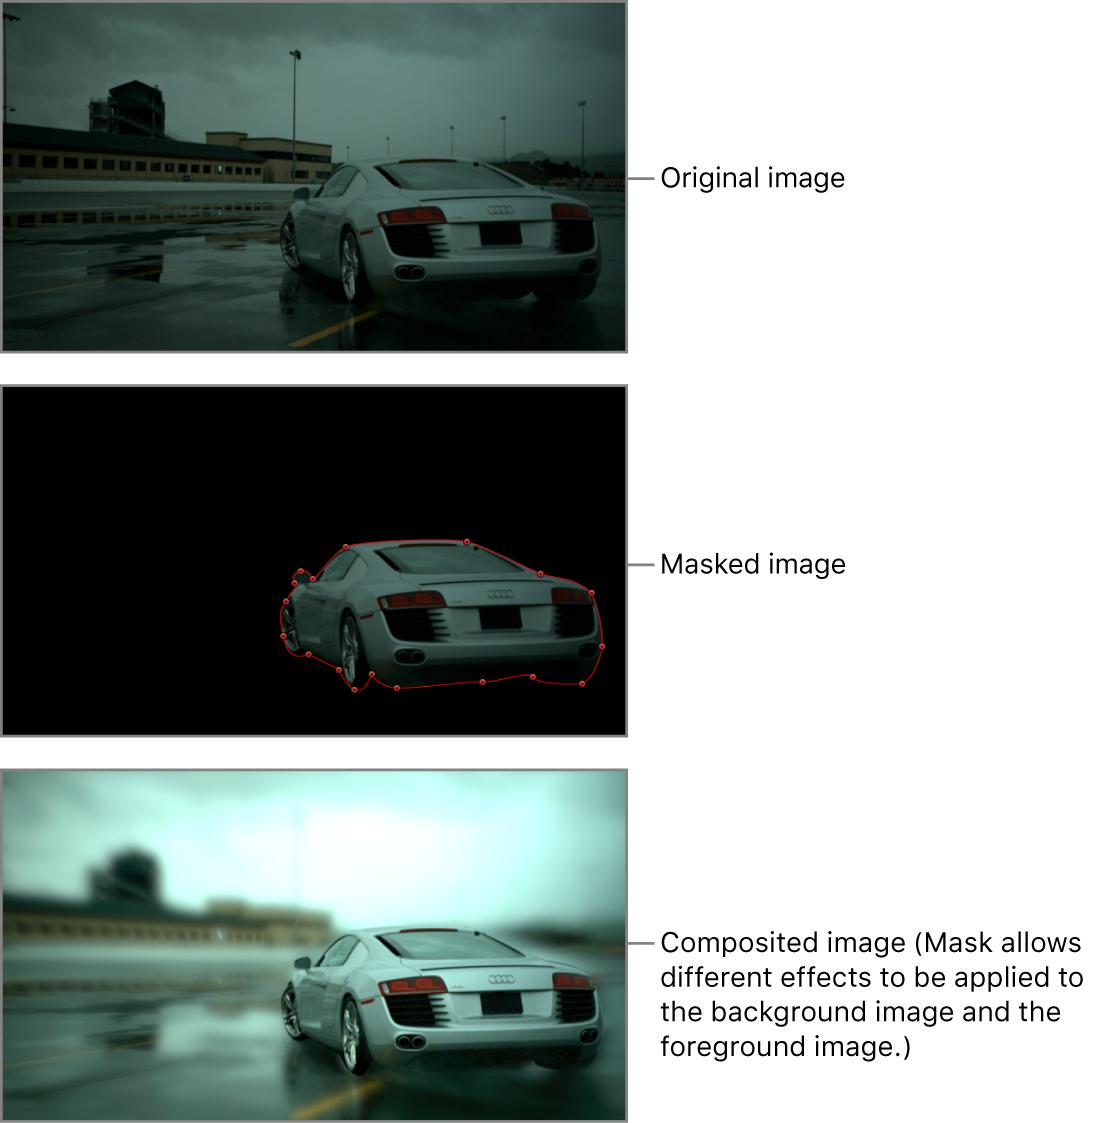 显示遮罩前的汽车图像、沿汽车周围绘制的遮罩以及最终的速动观察效果的画布(模糊滤镜影响背景但不影响汽车)